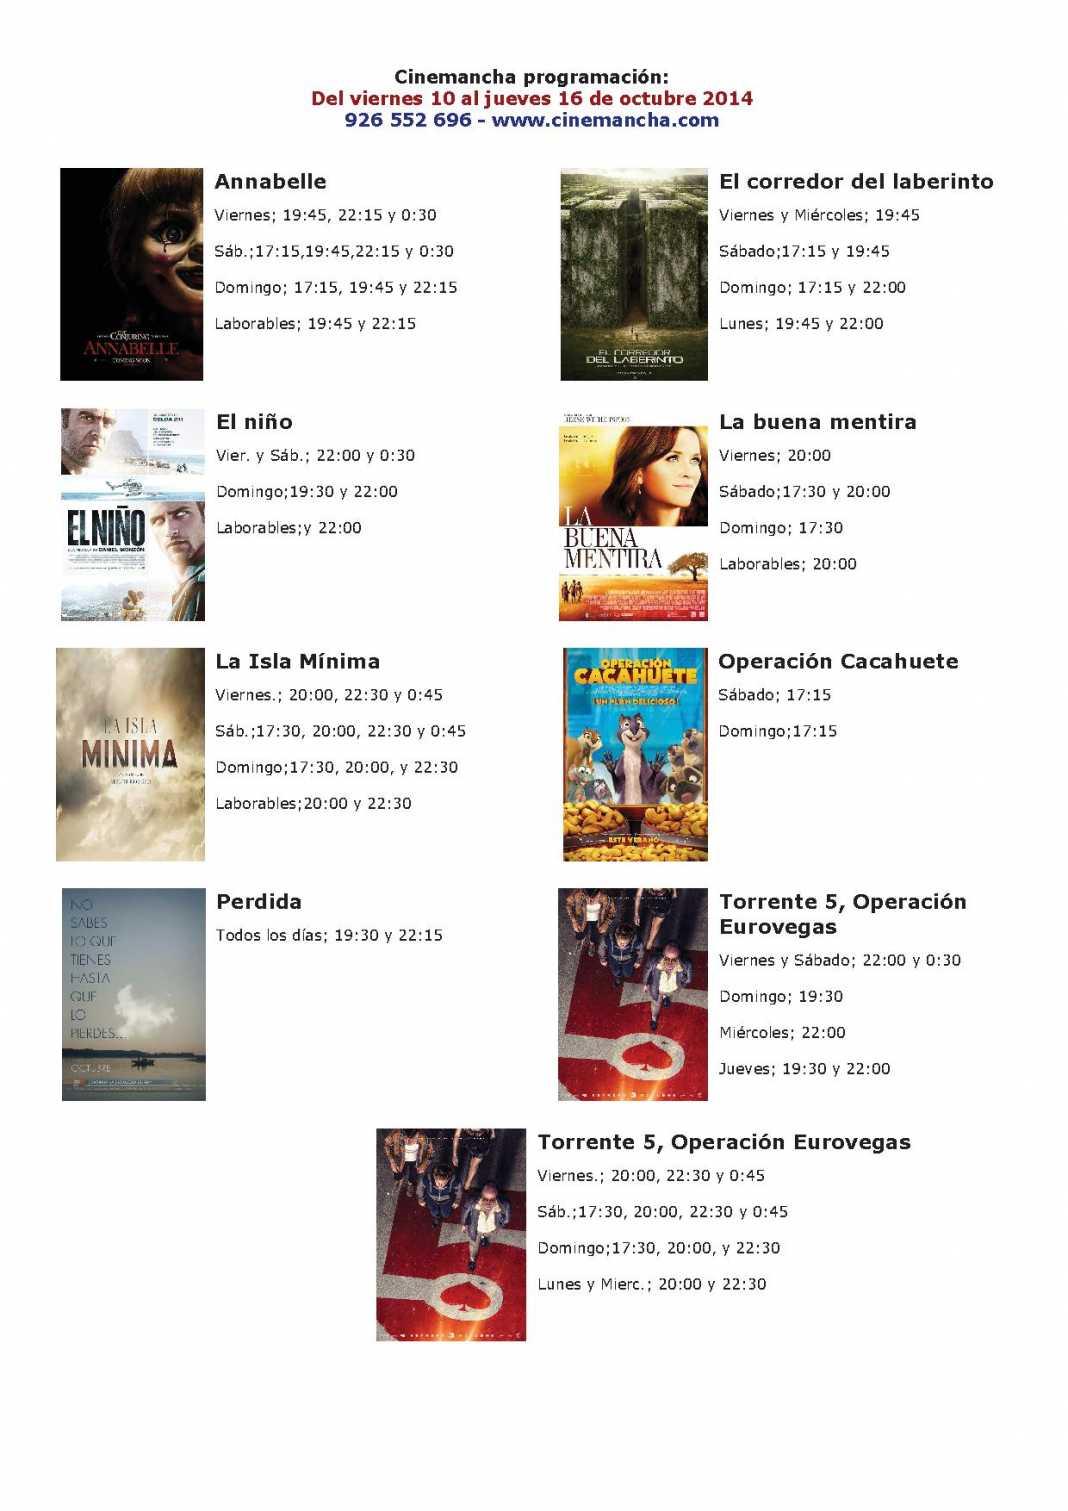 cartelera de cinemancha del 10 al 16 de octubre 1068x1511 - Cartelera Cinemancha del 10 al 16 de octubre